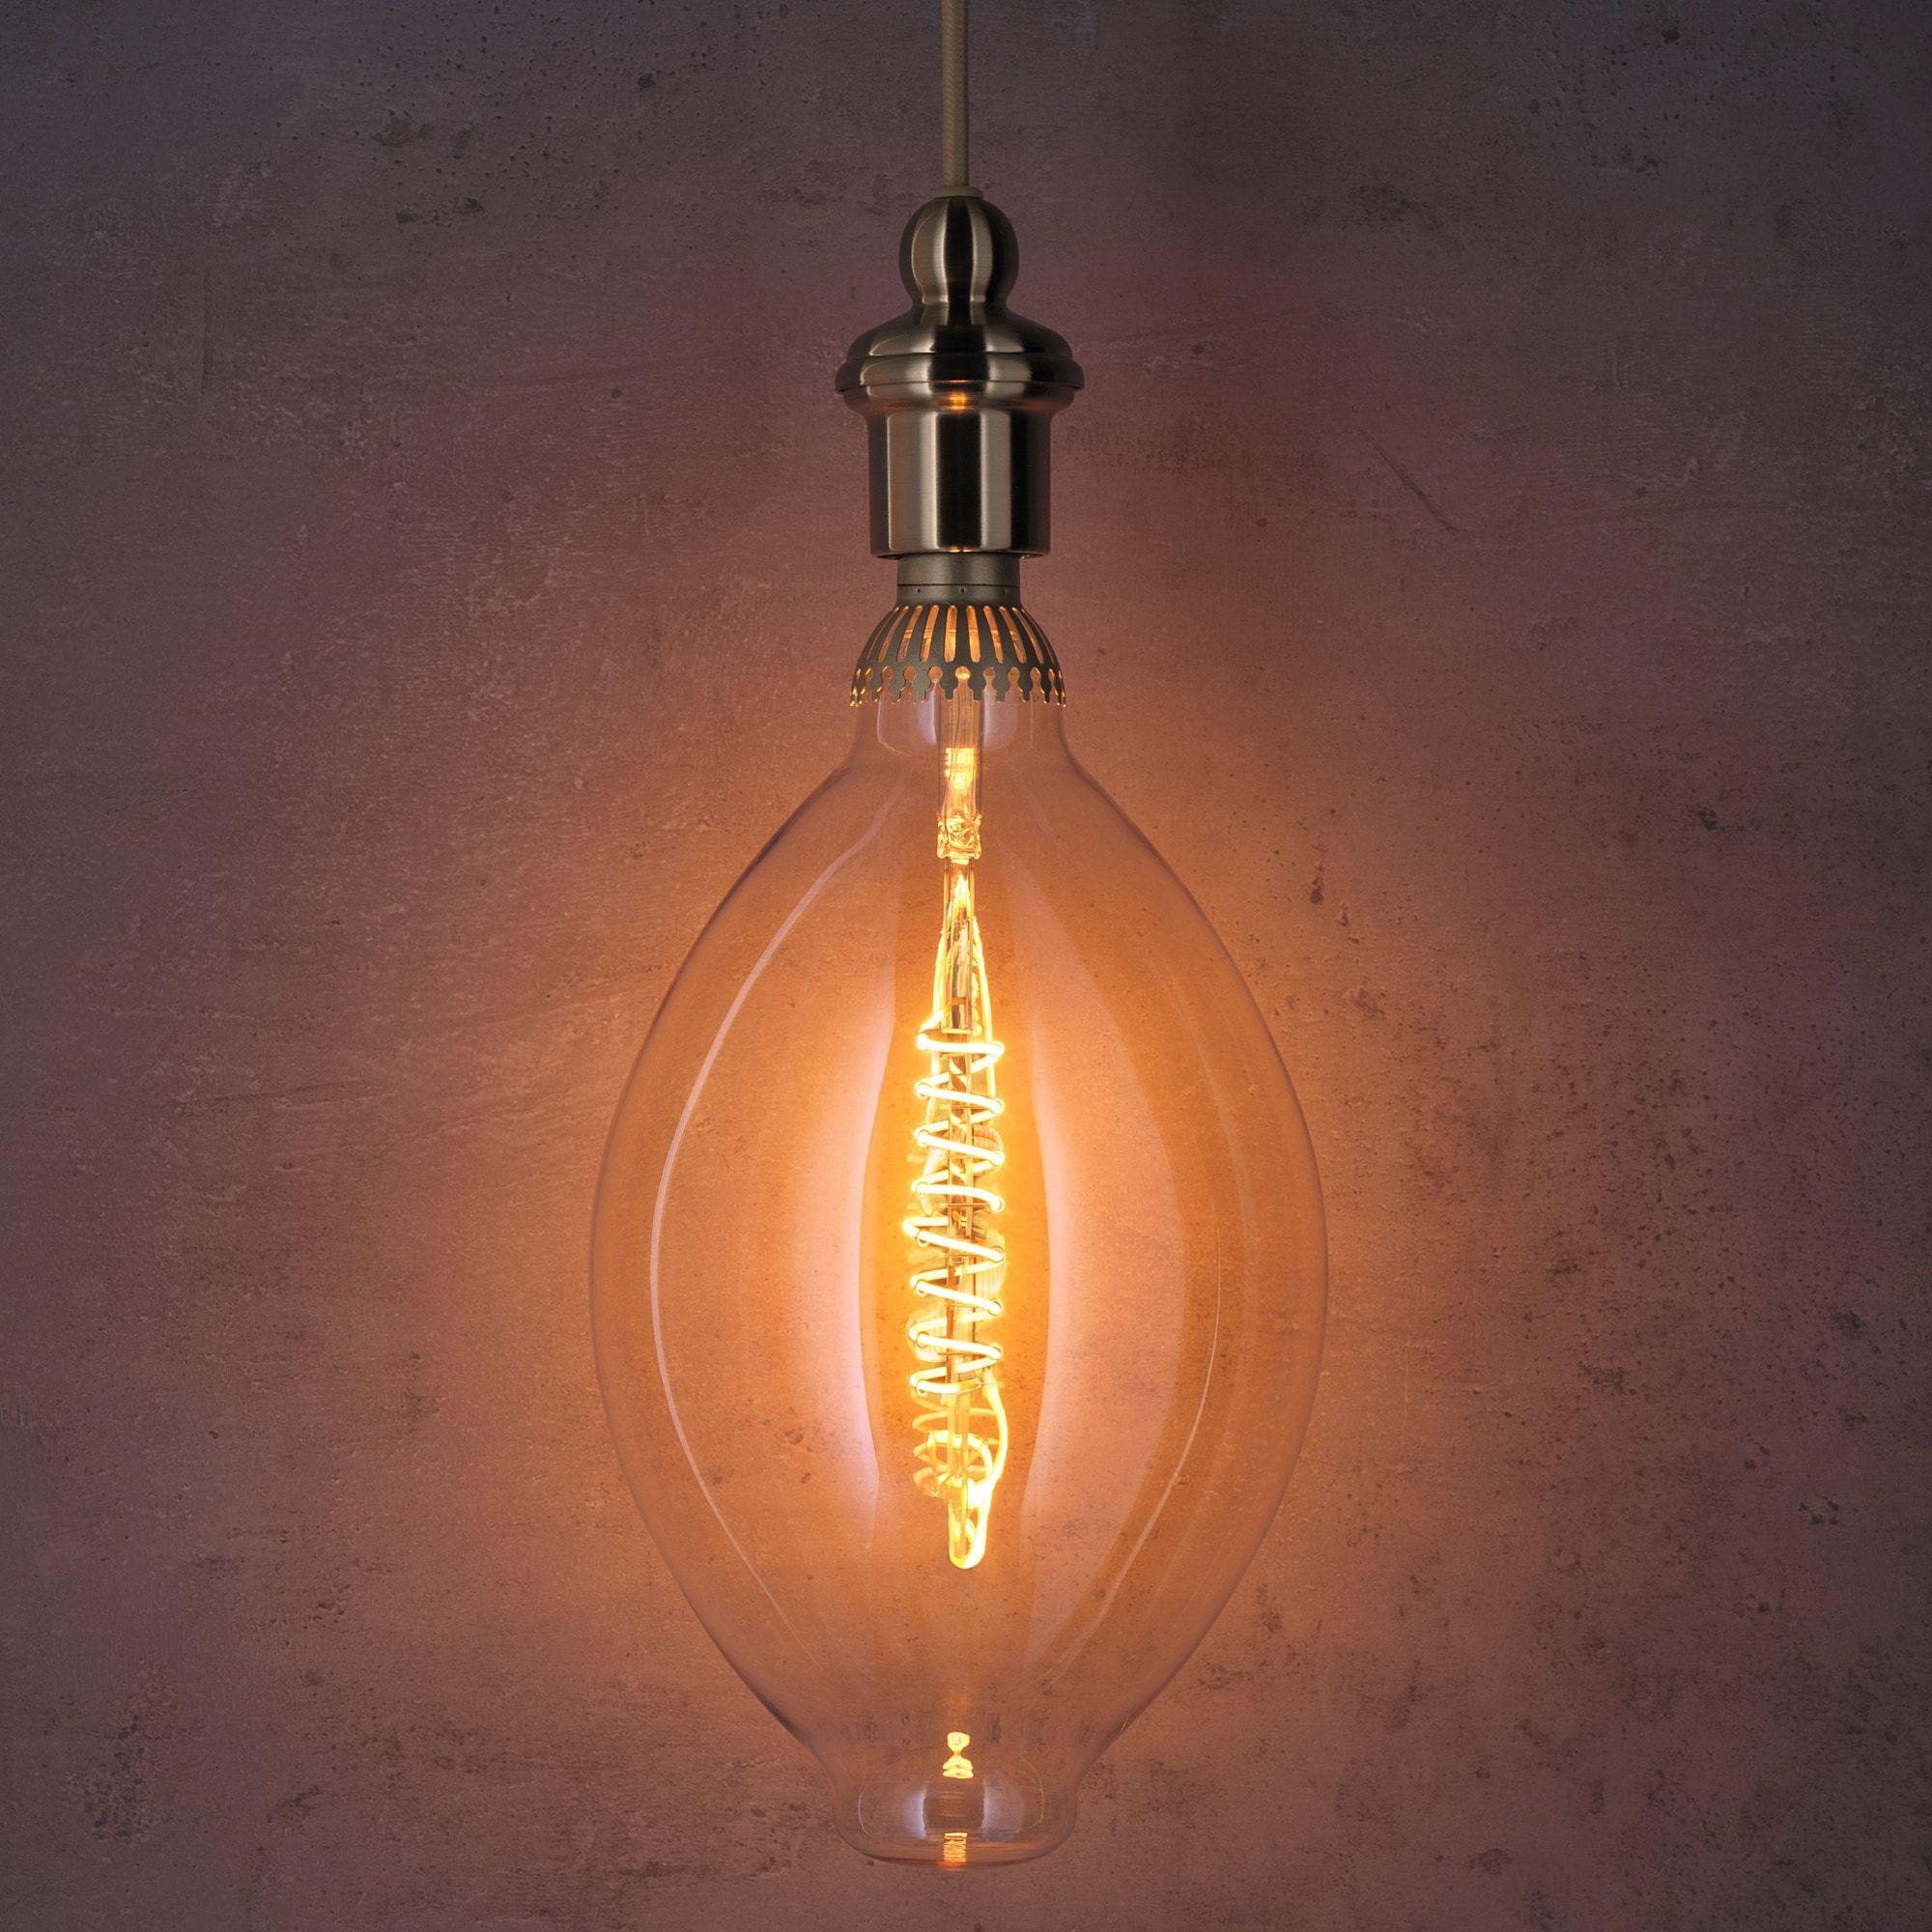 Retro Hängeleuchte Deckenlampen Vintage Industrie Pendelleuchte Lampe E26 LM